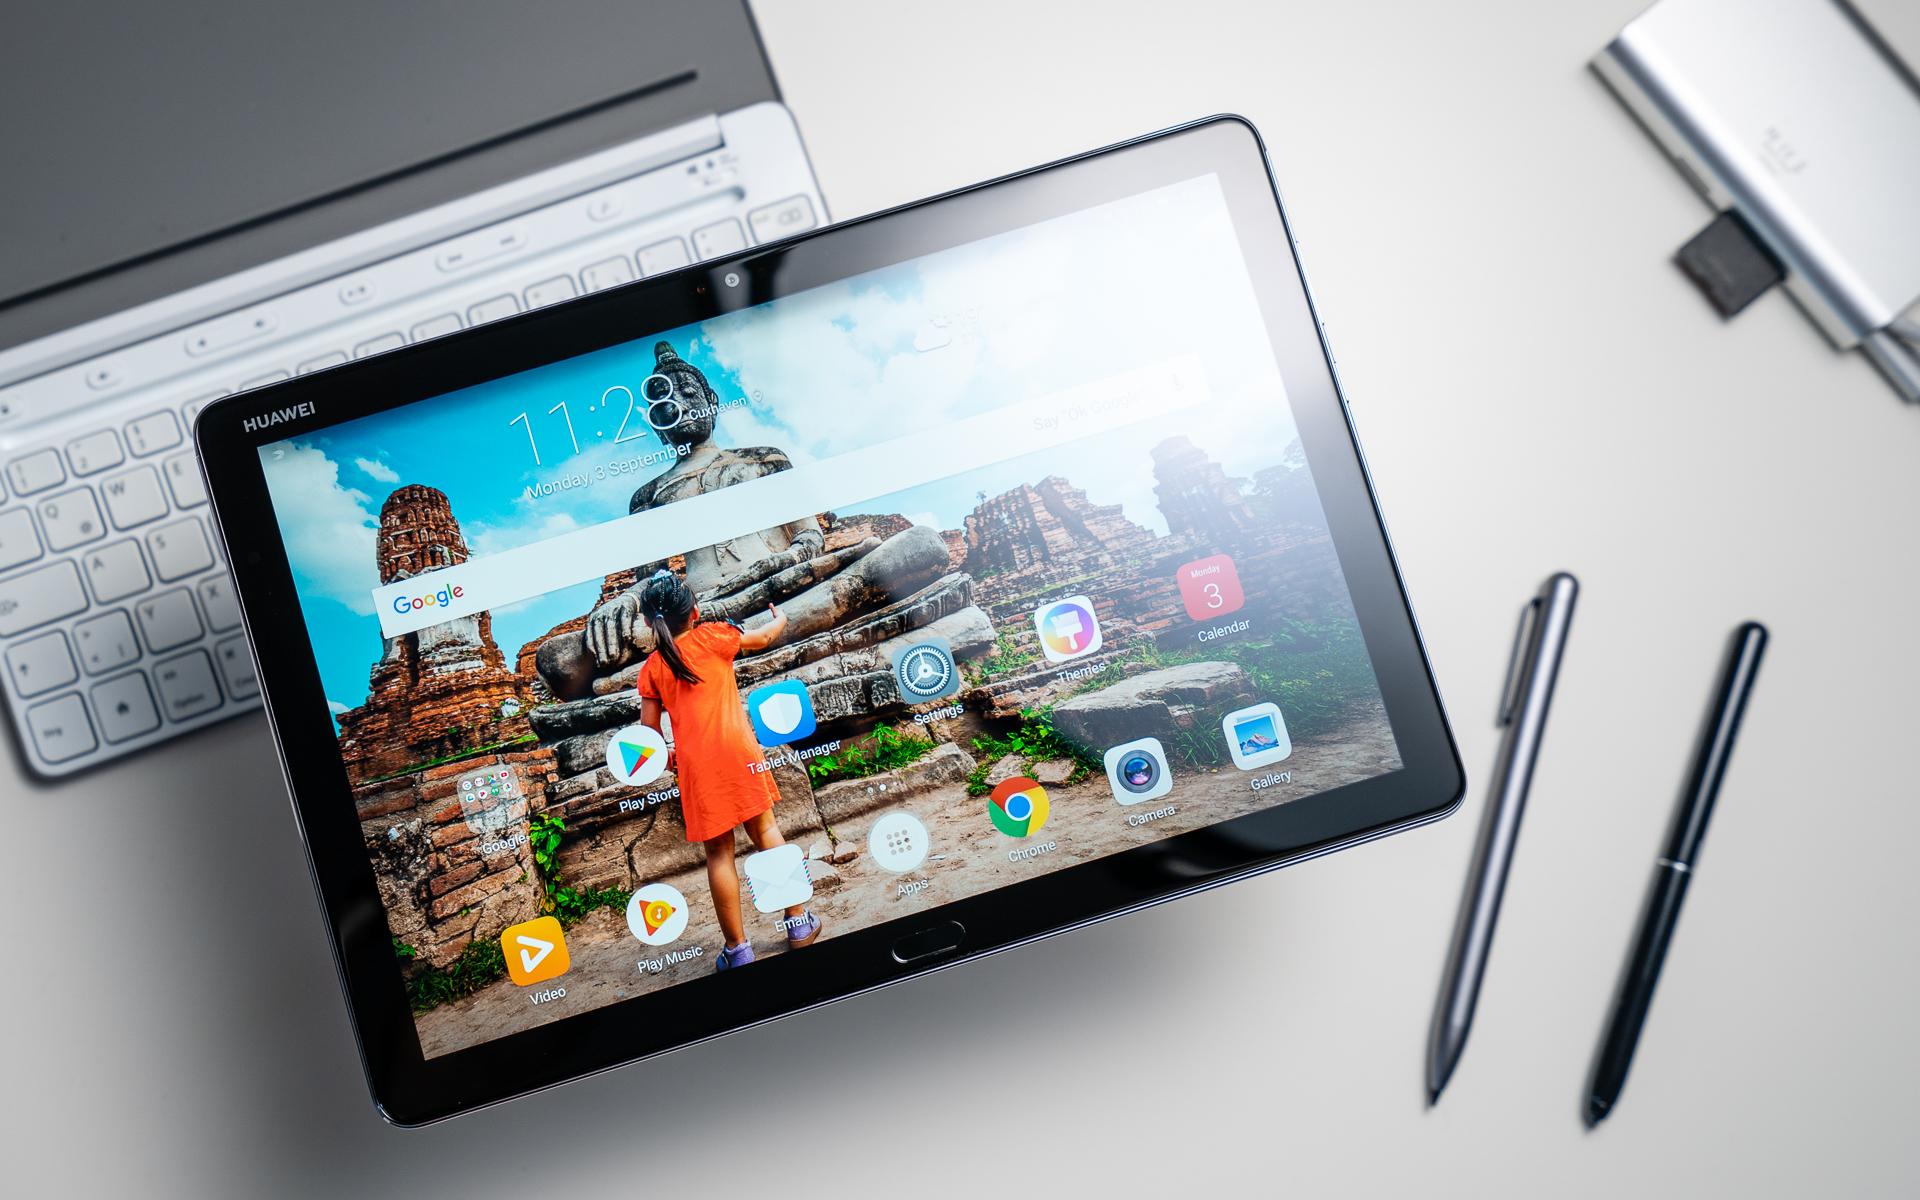 Huawei MediaPad M5Lite